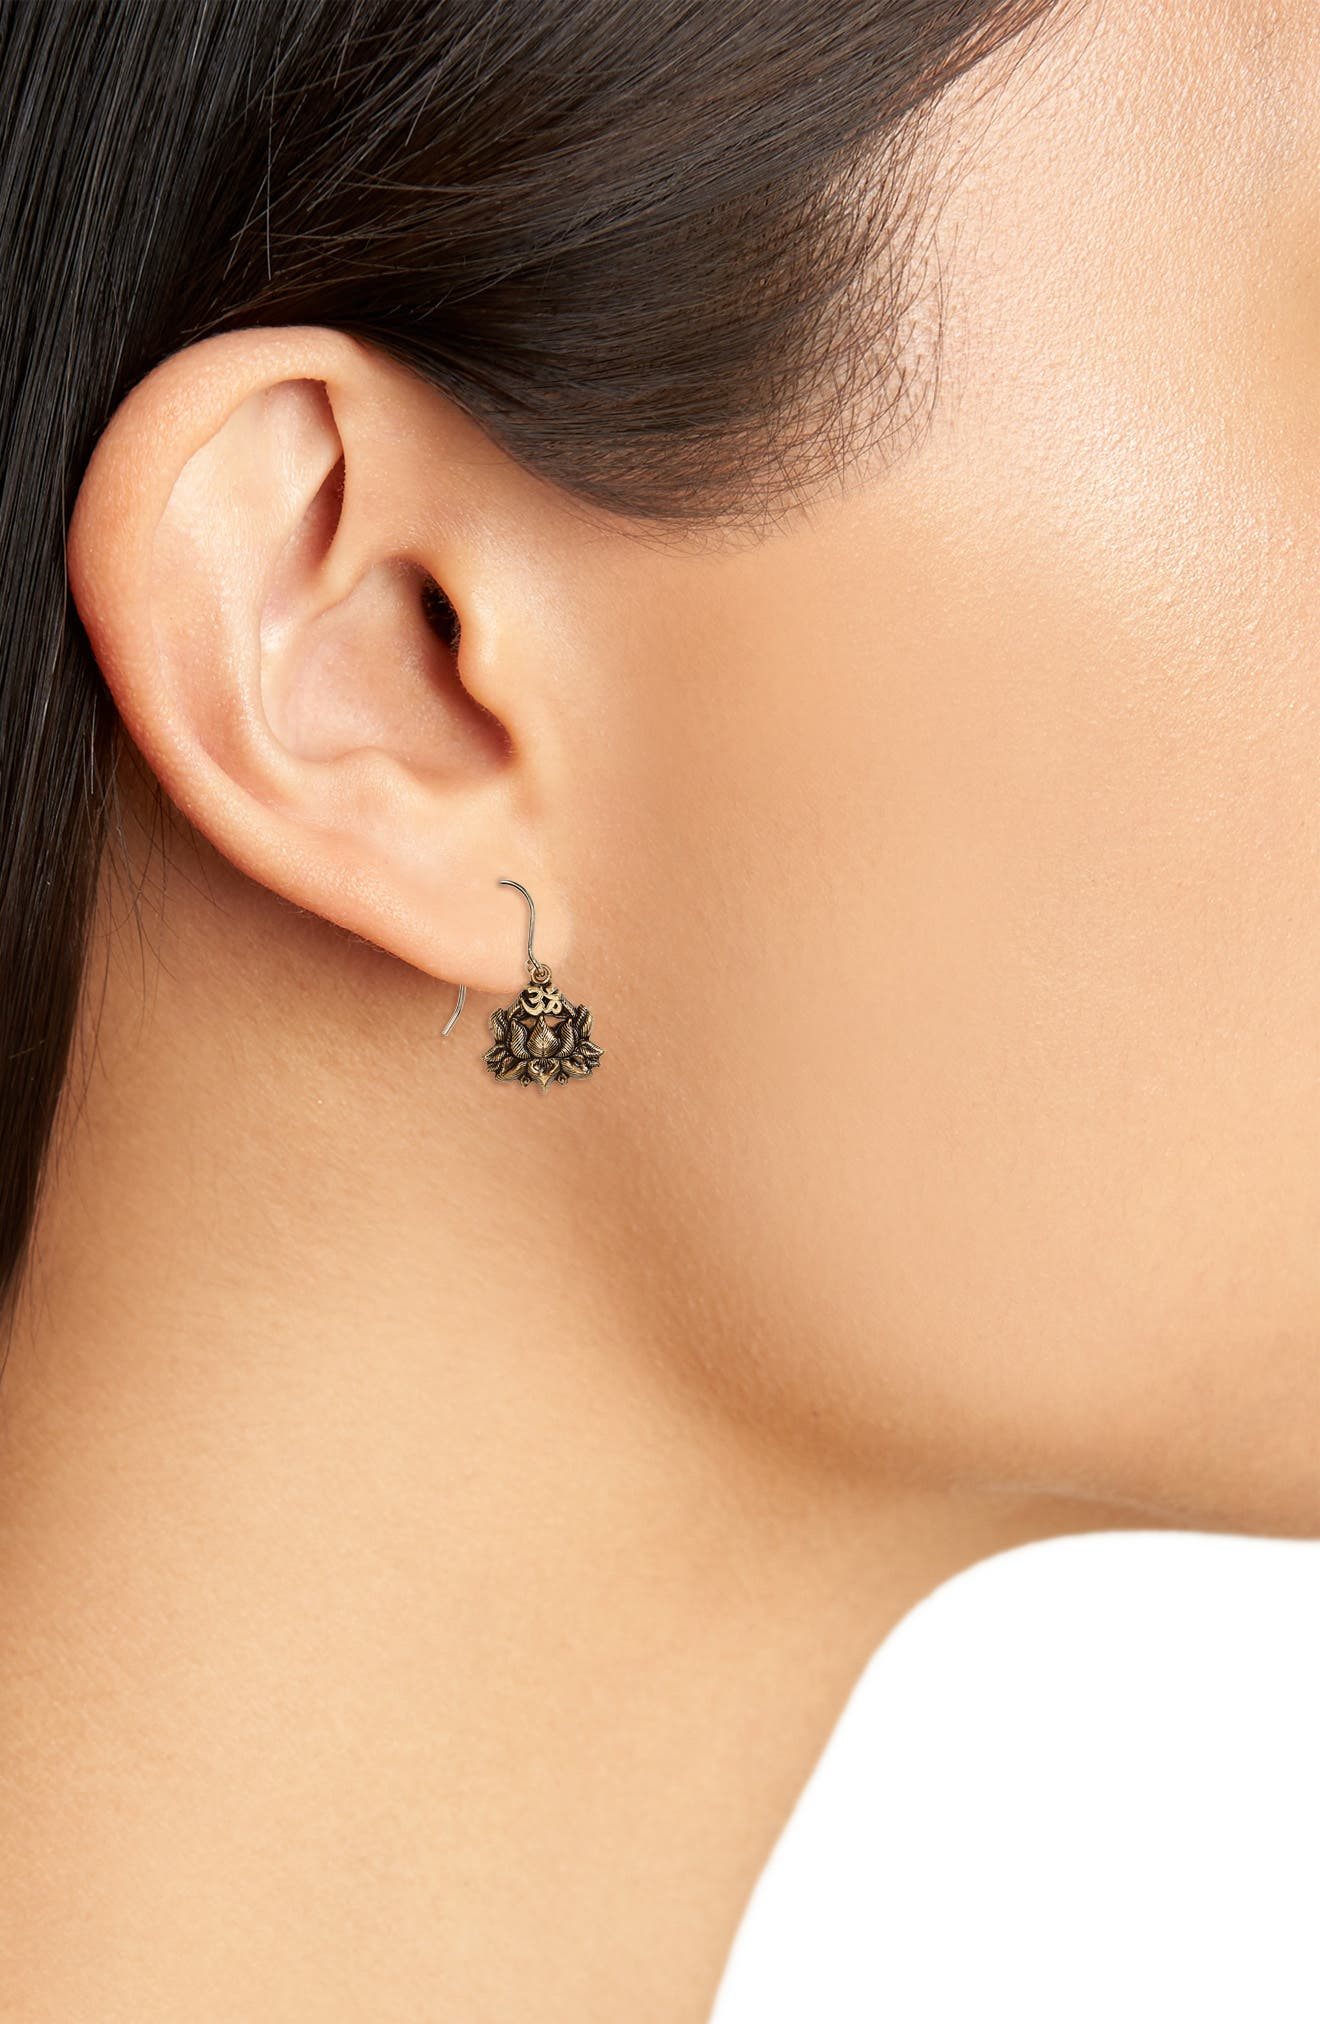 Lotus Peace Petals Drop Earrings,                             Alternate thumbnail 2, color,                             Gold